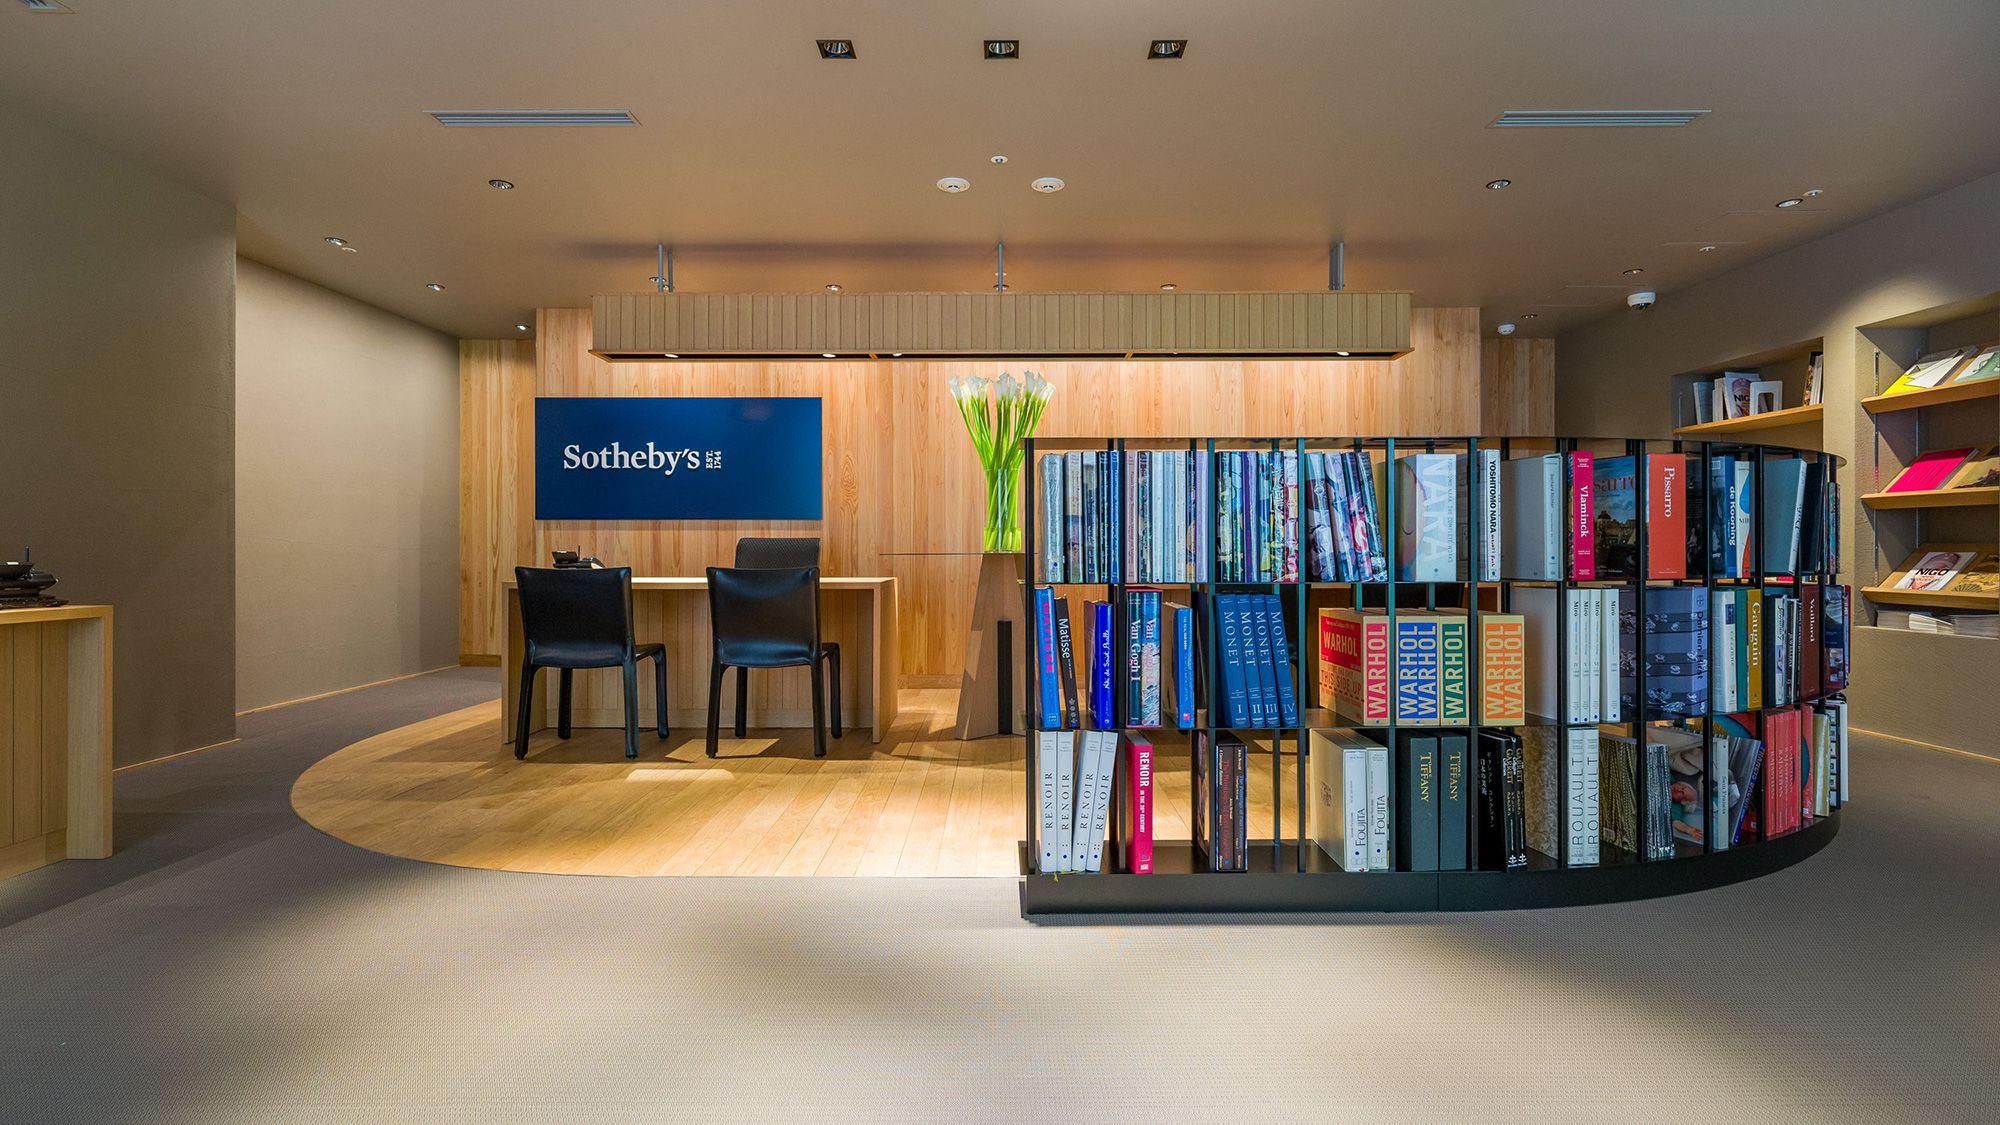 主要オークションハウスとしては国内初となるサービスカウンターを設置する © Sotheby's